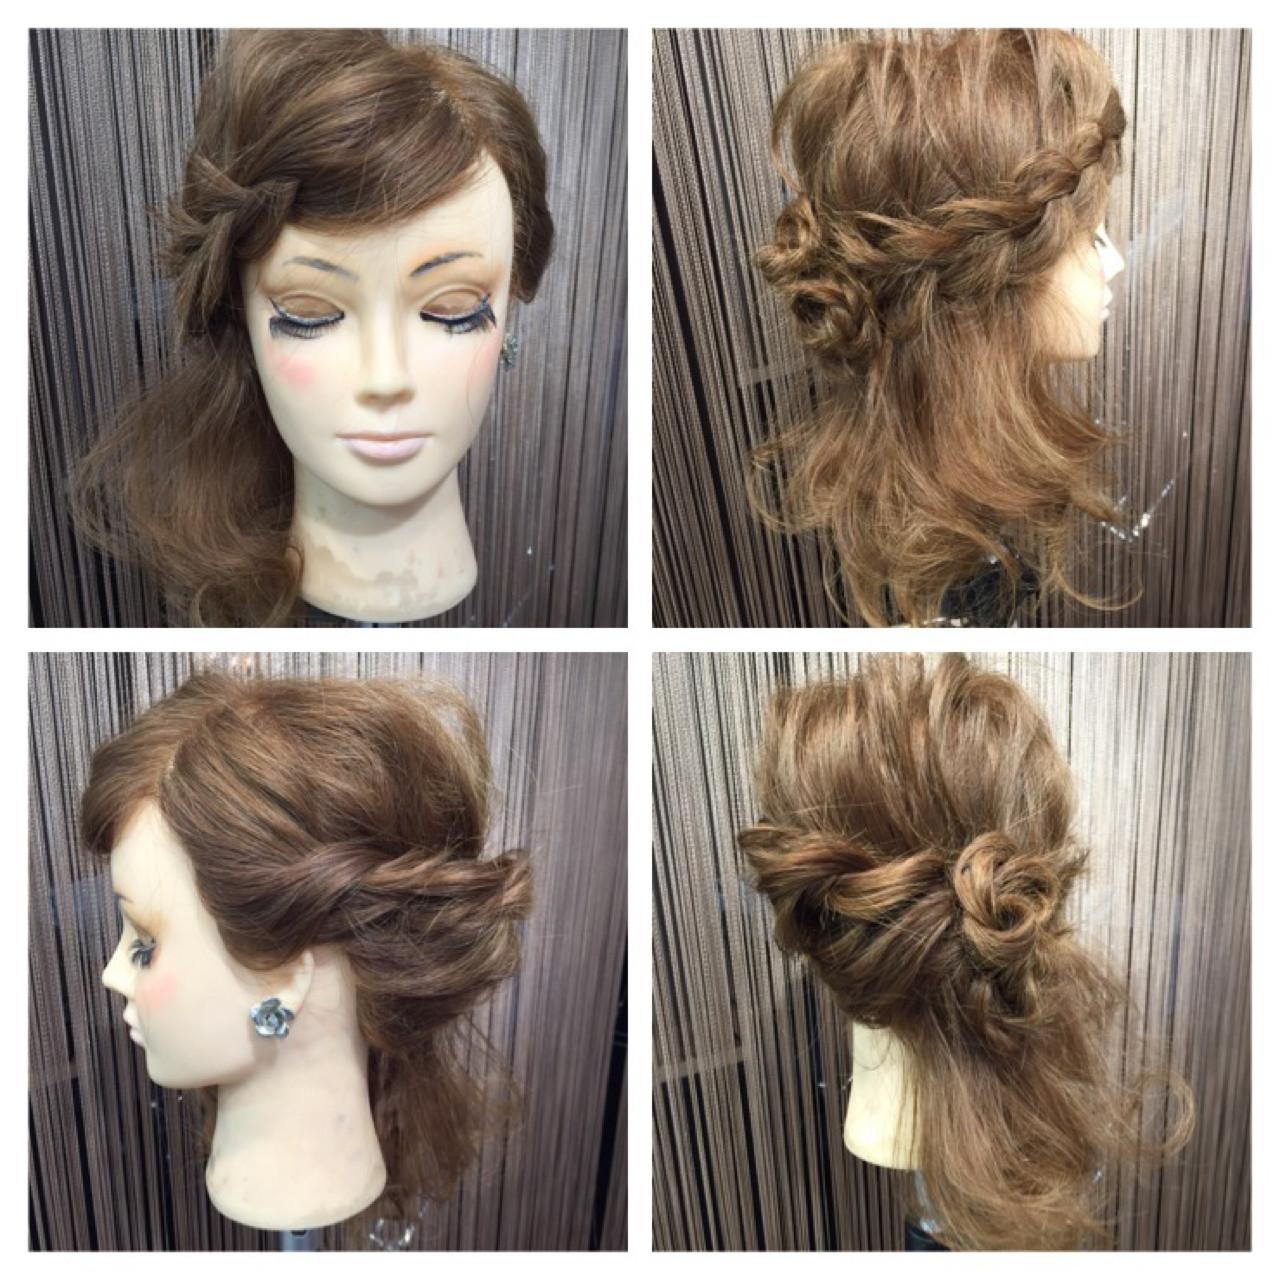 セミロング ヘアアレンジ パーティ ロープ編み ヘアスタイルや髪型の写真・画像